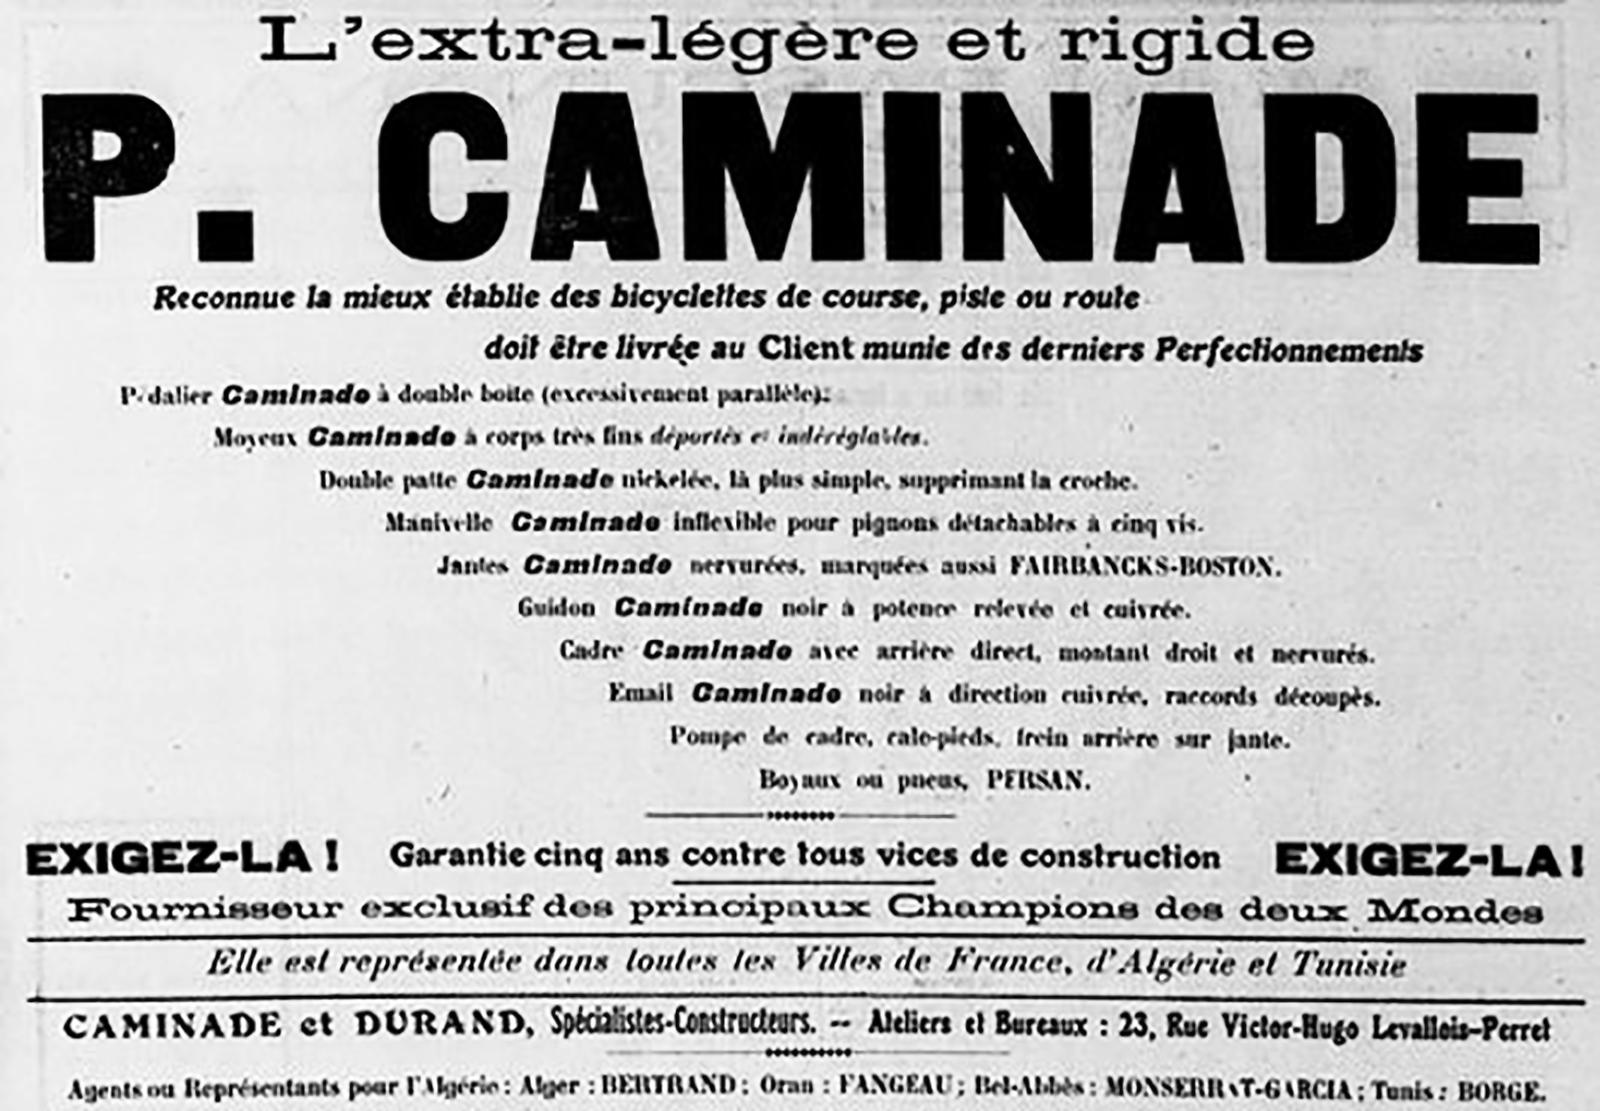 ebykr-caminade-advertisement-1913